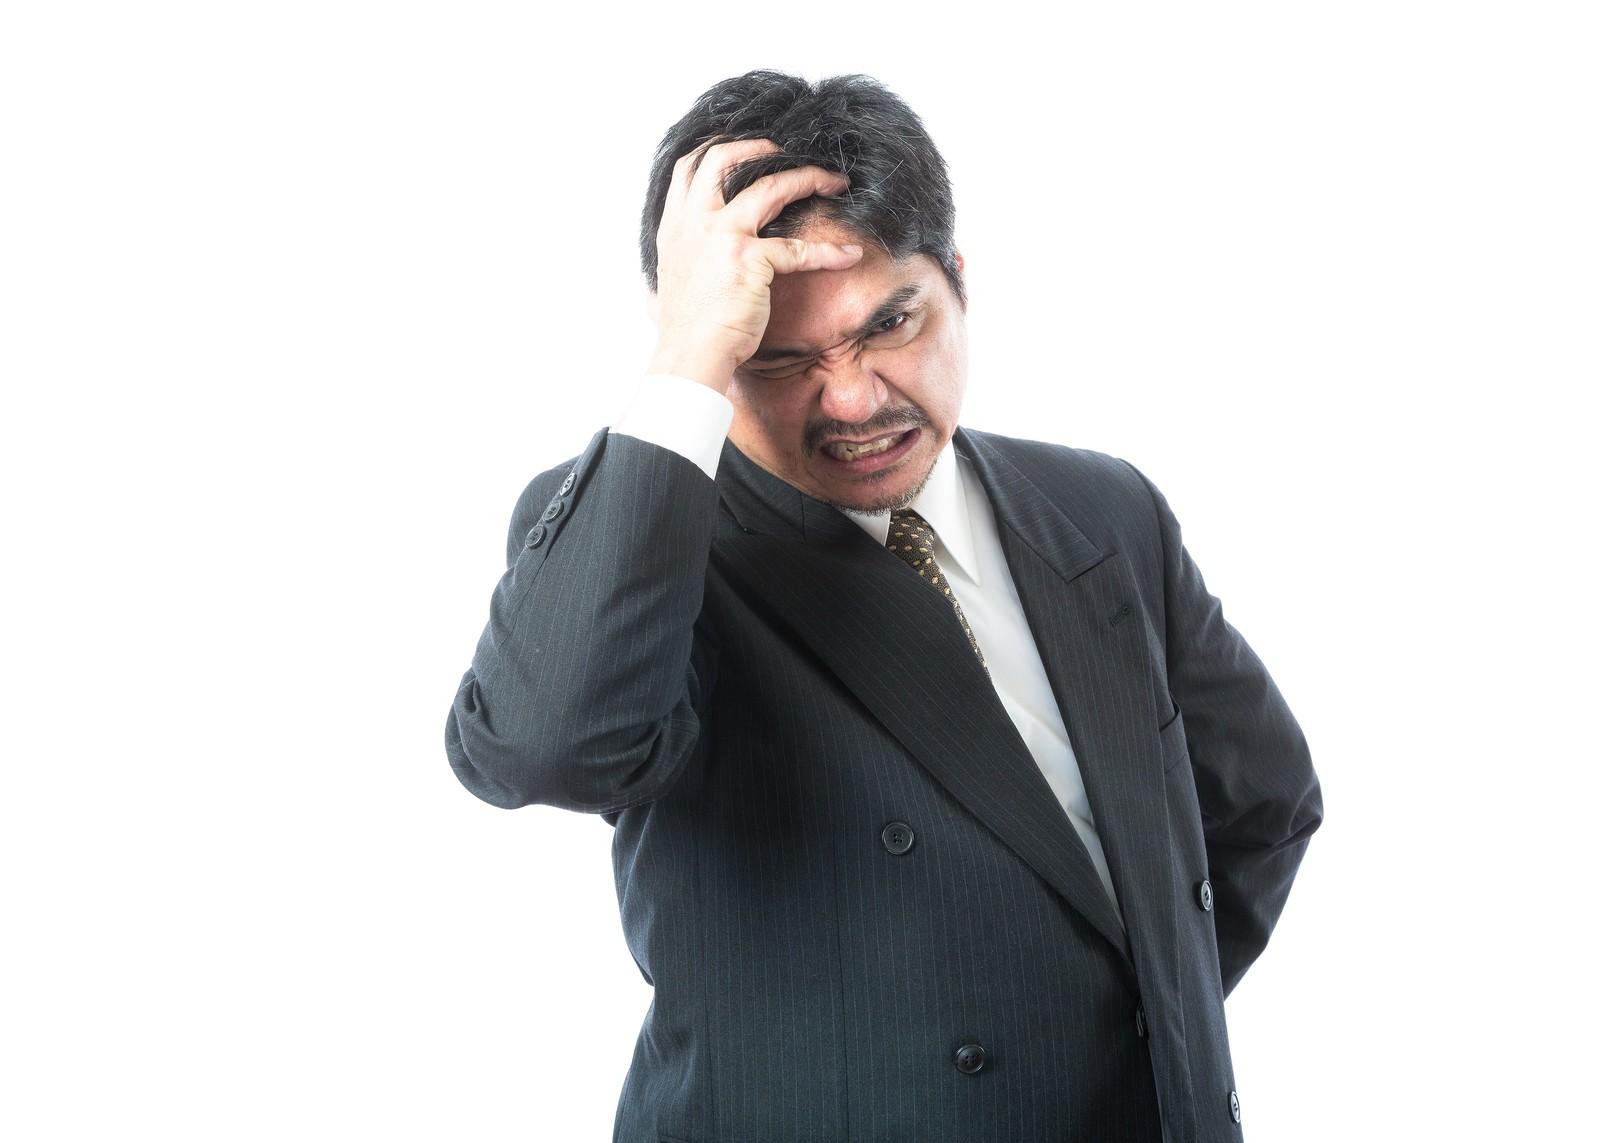 新社員指導方法①ミスをした原因を探る